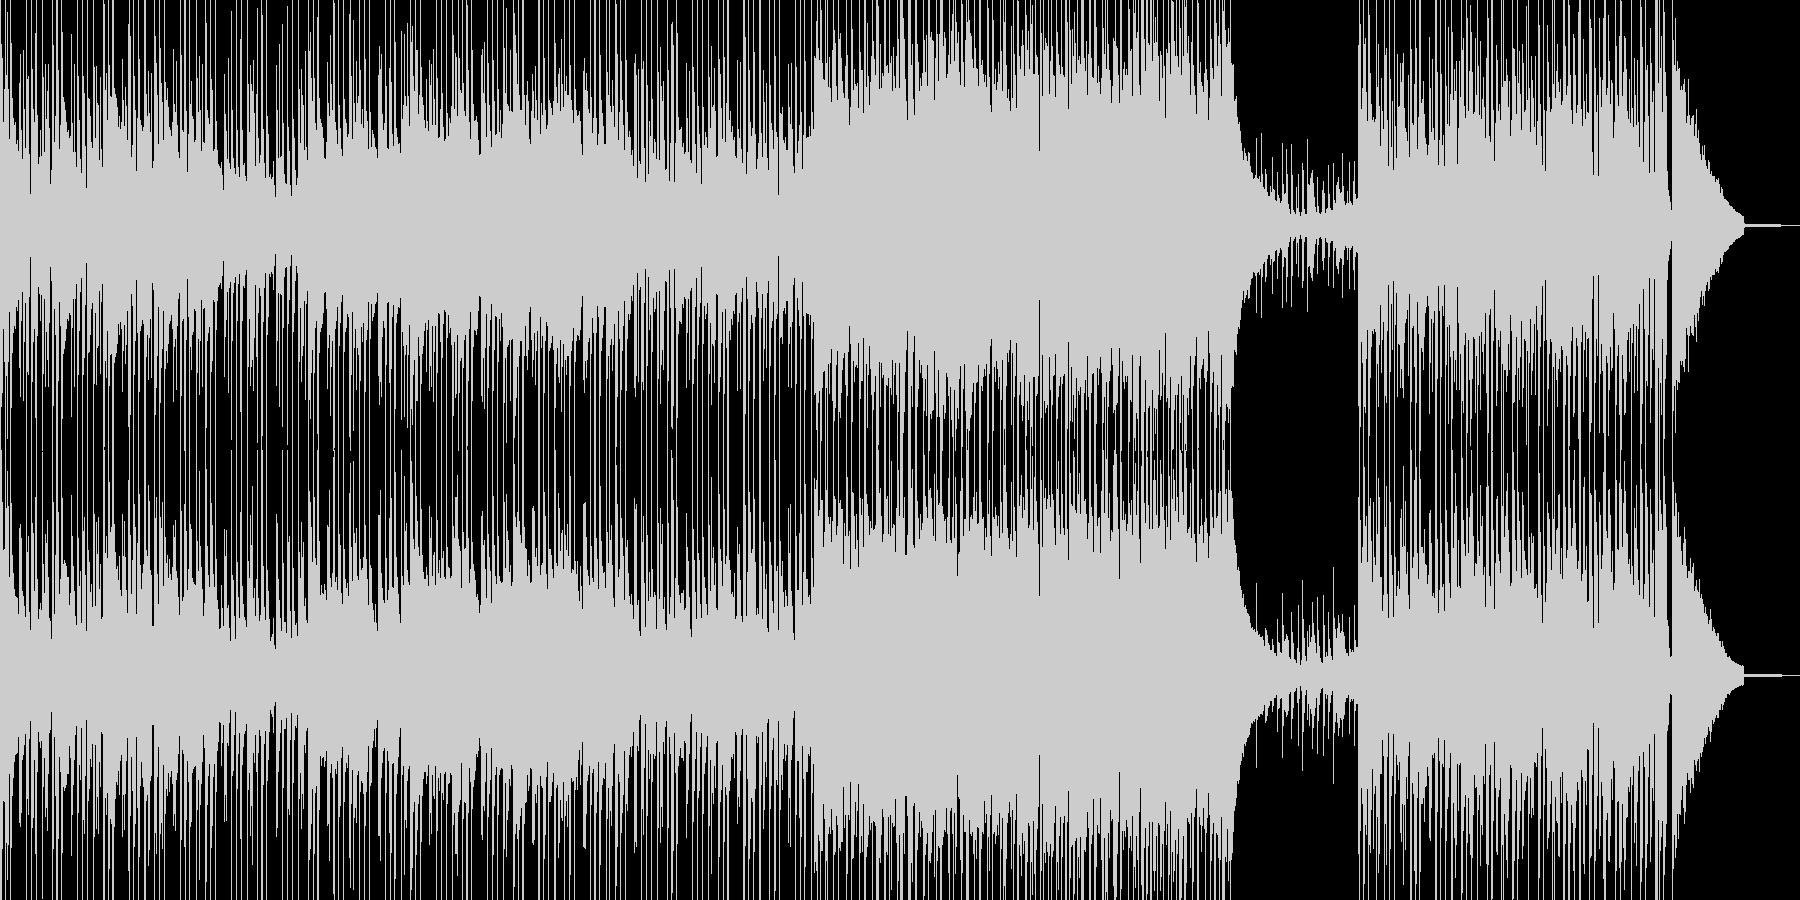 肉弾戦・真剣勝負を想定したロック 短尺の未再生の波形